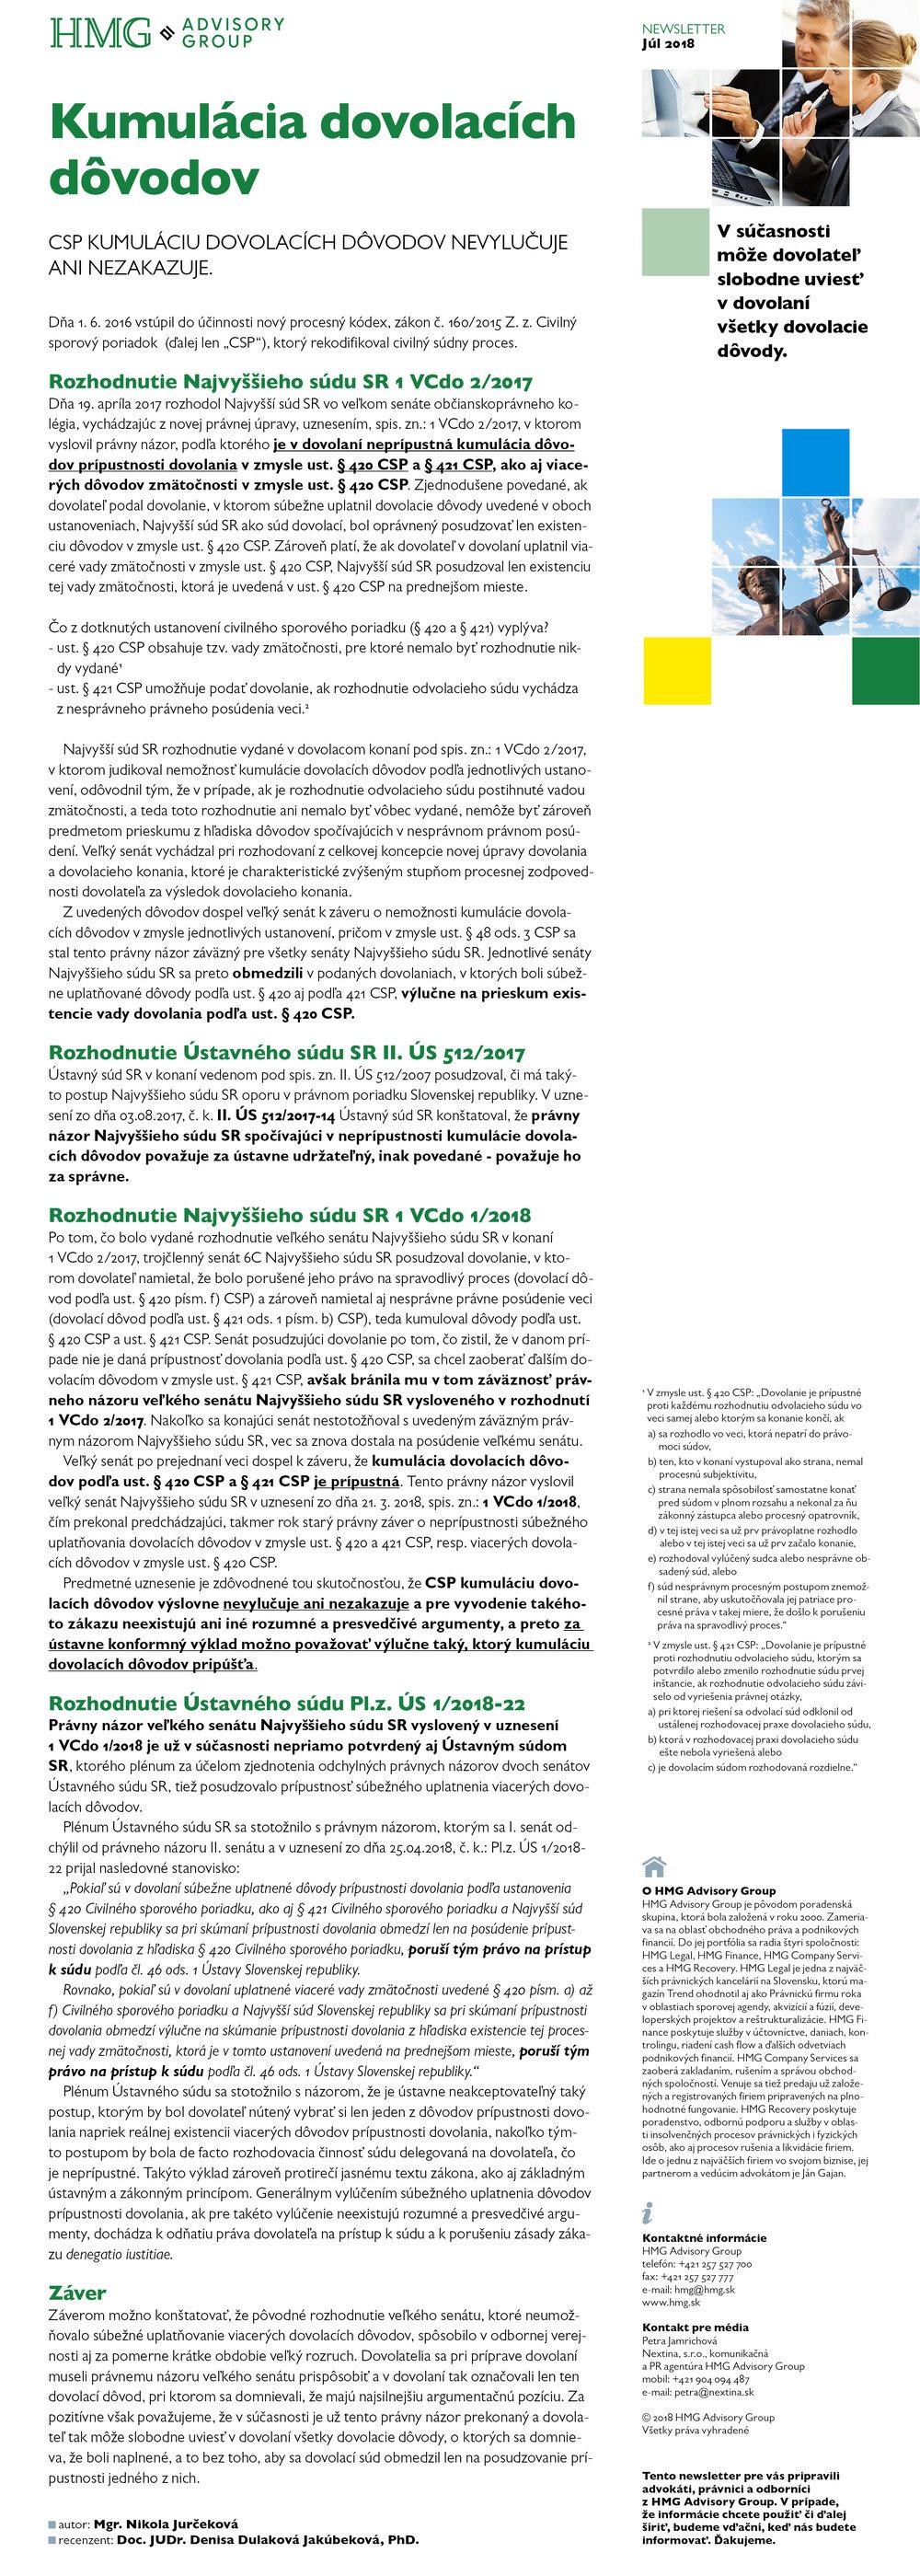 HMG_newsletter_kumulacia.jpg